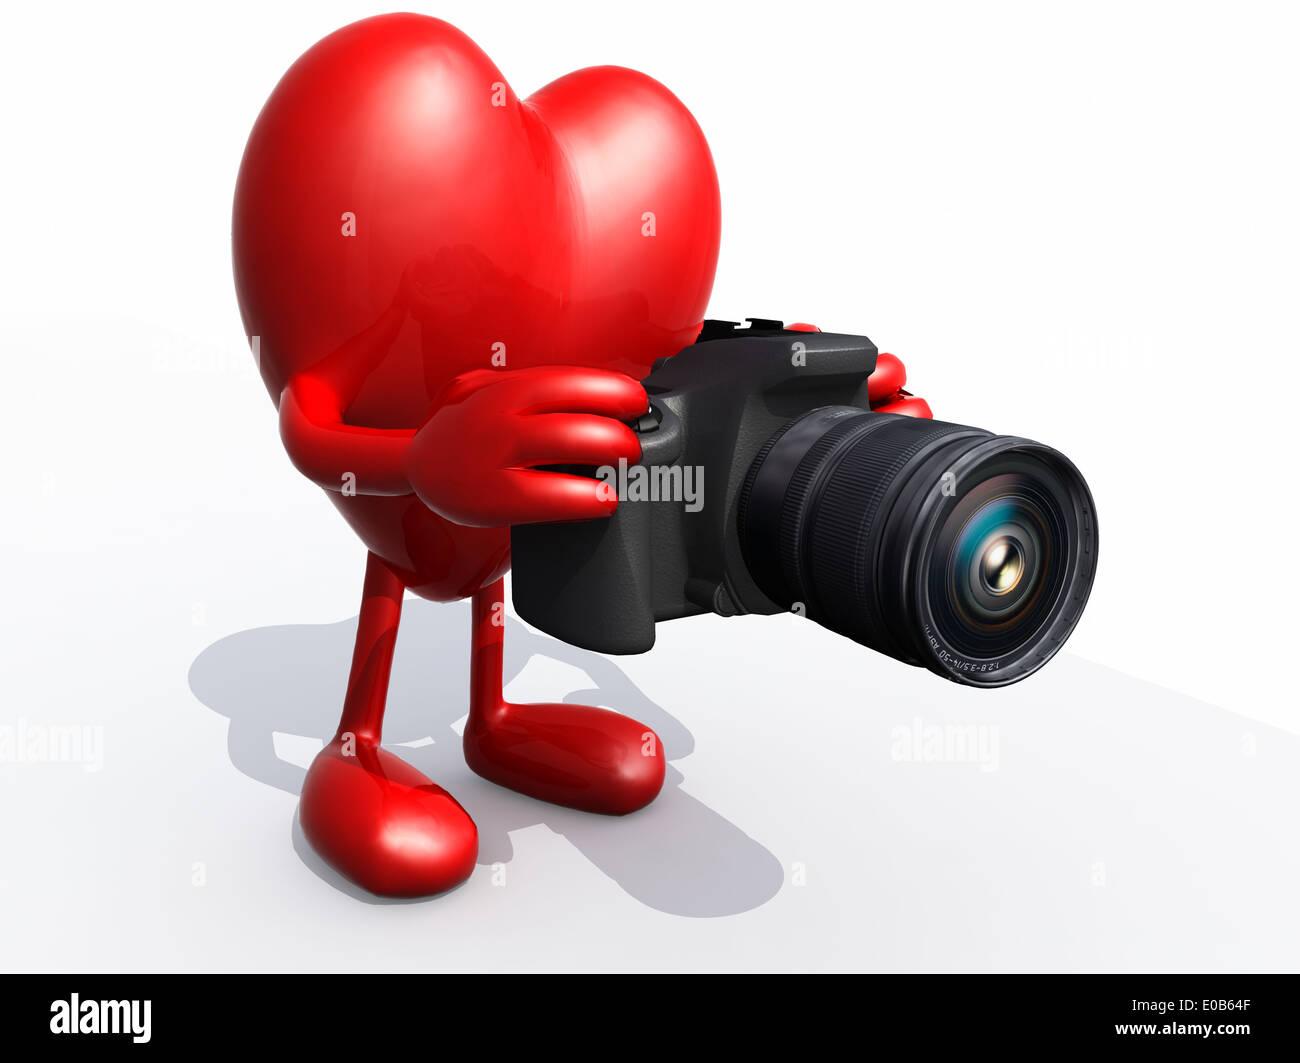 Herz mit Arme, Beine, Augen und digitale Foto-Kamera während Rahmung ...